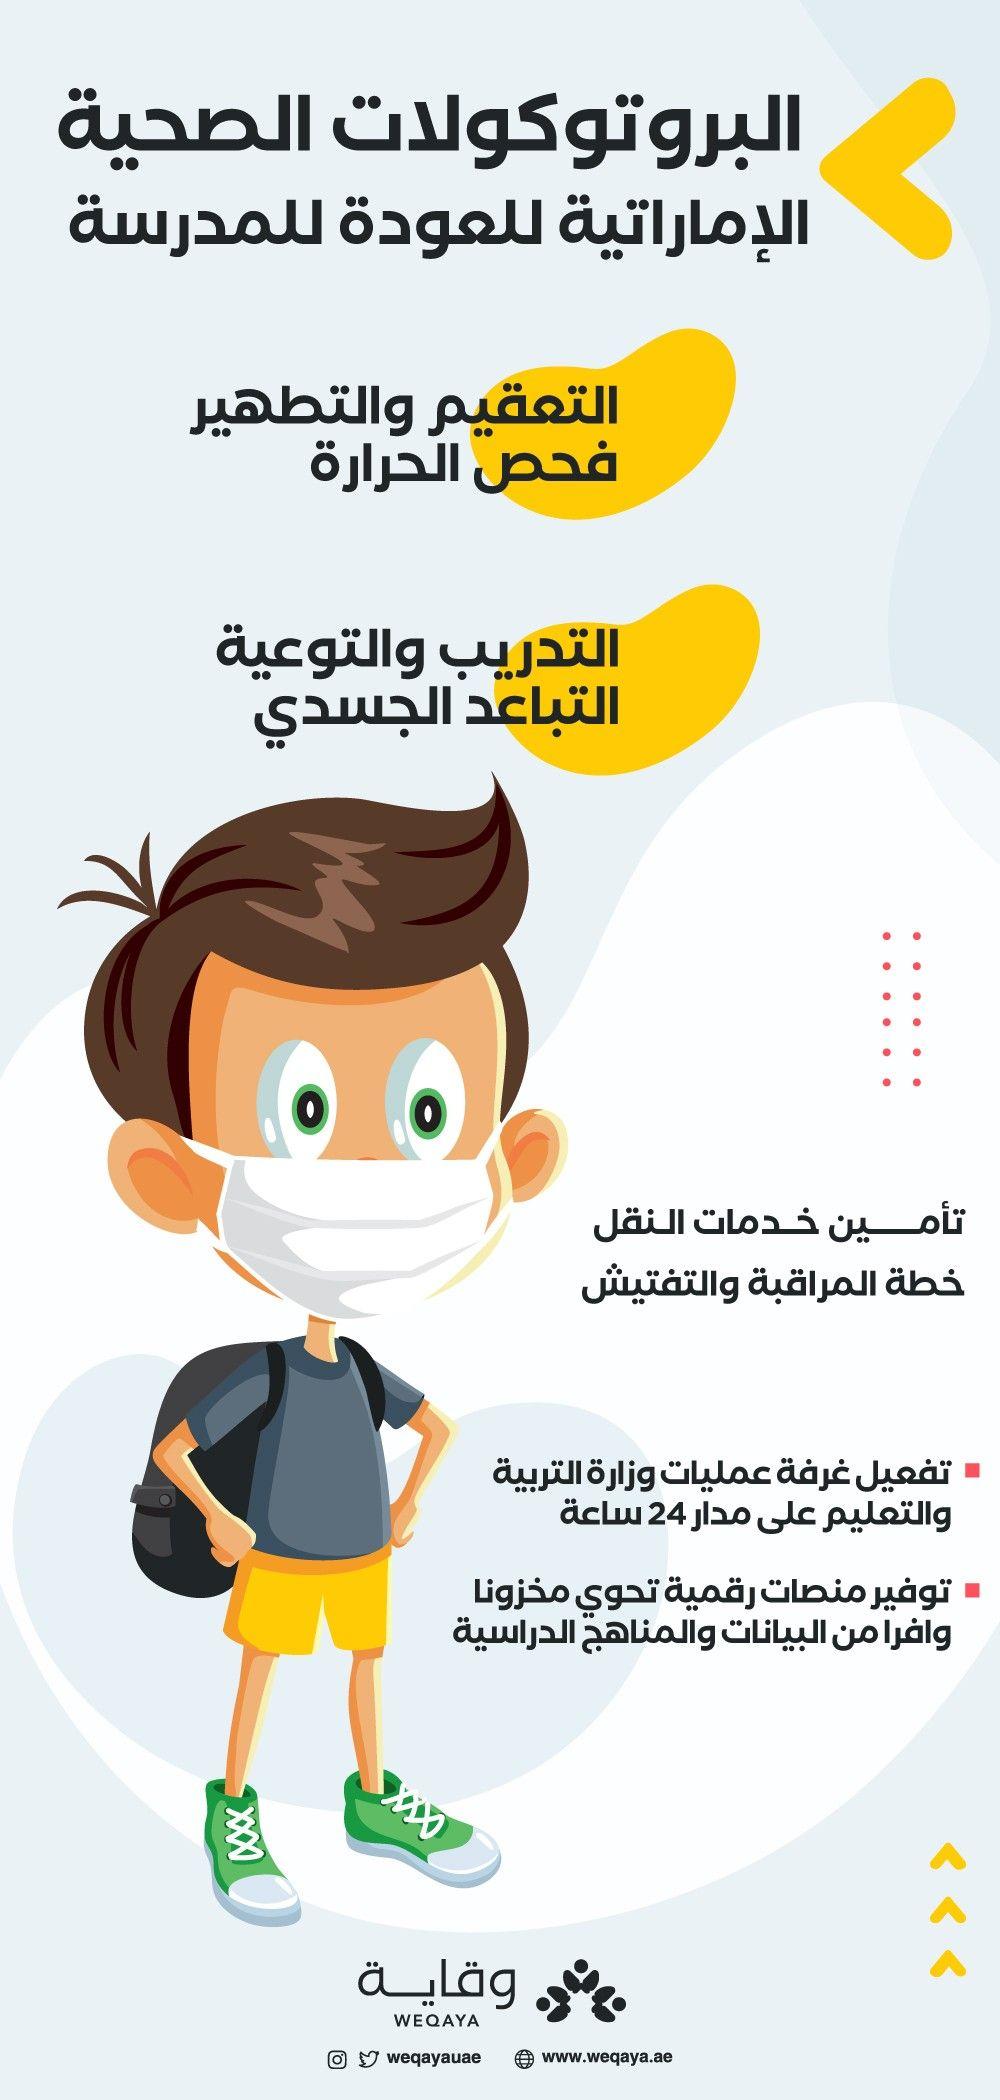 البروتوكولات الصحية الإماراتية للعودة للمدرسة Abs Movie Posters Movies